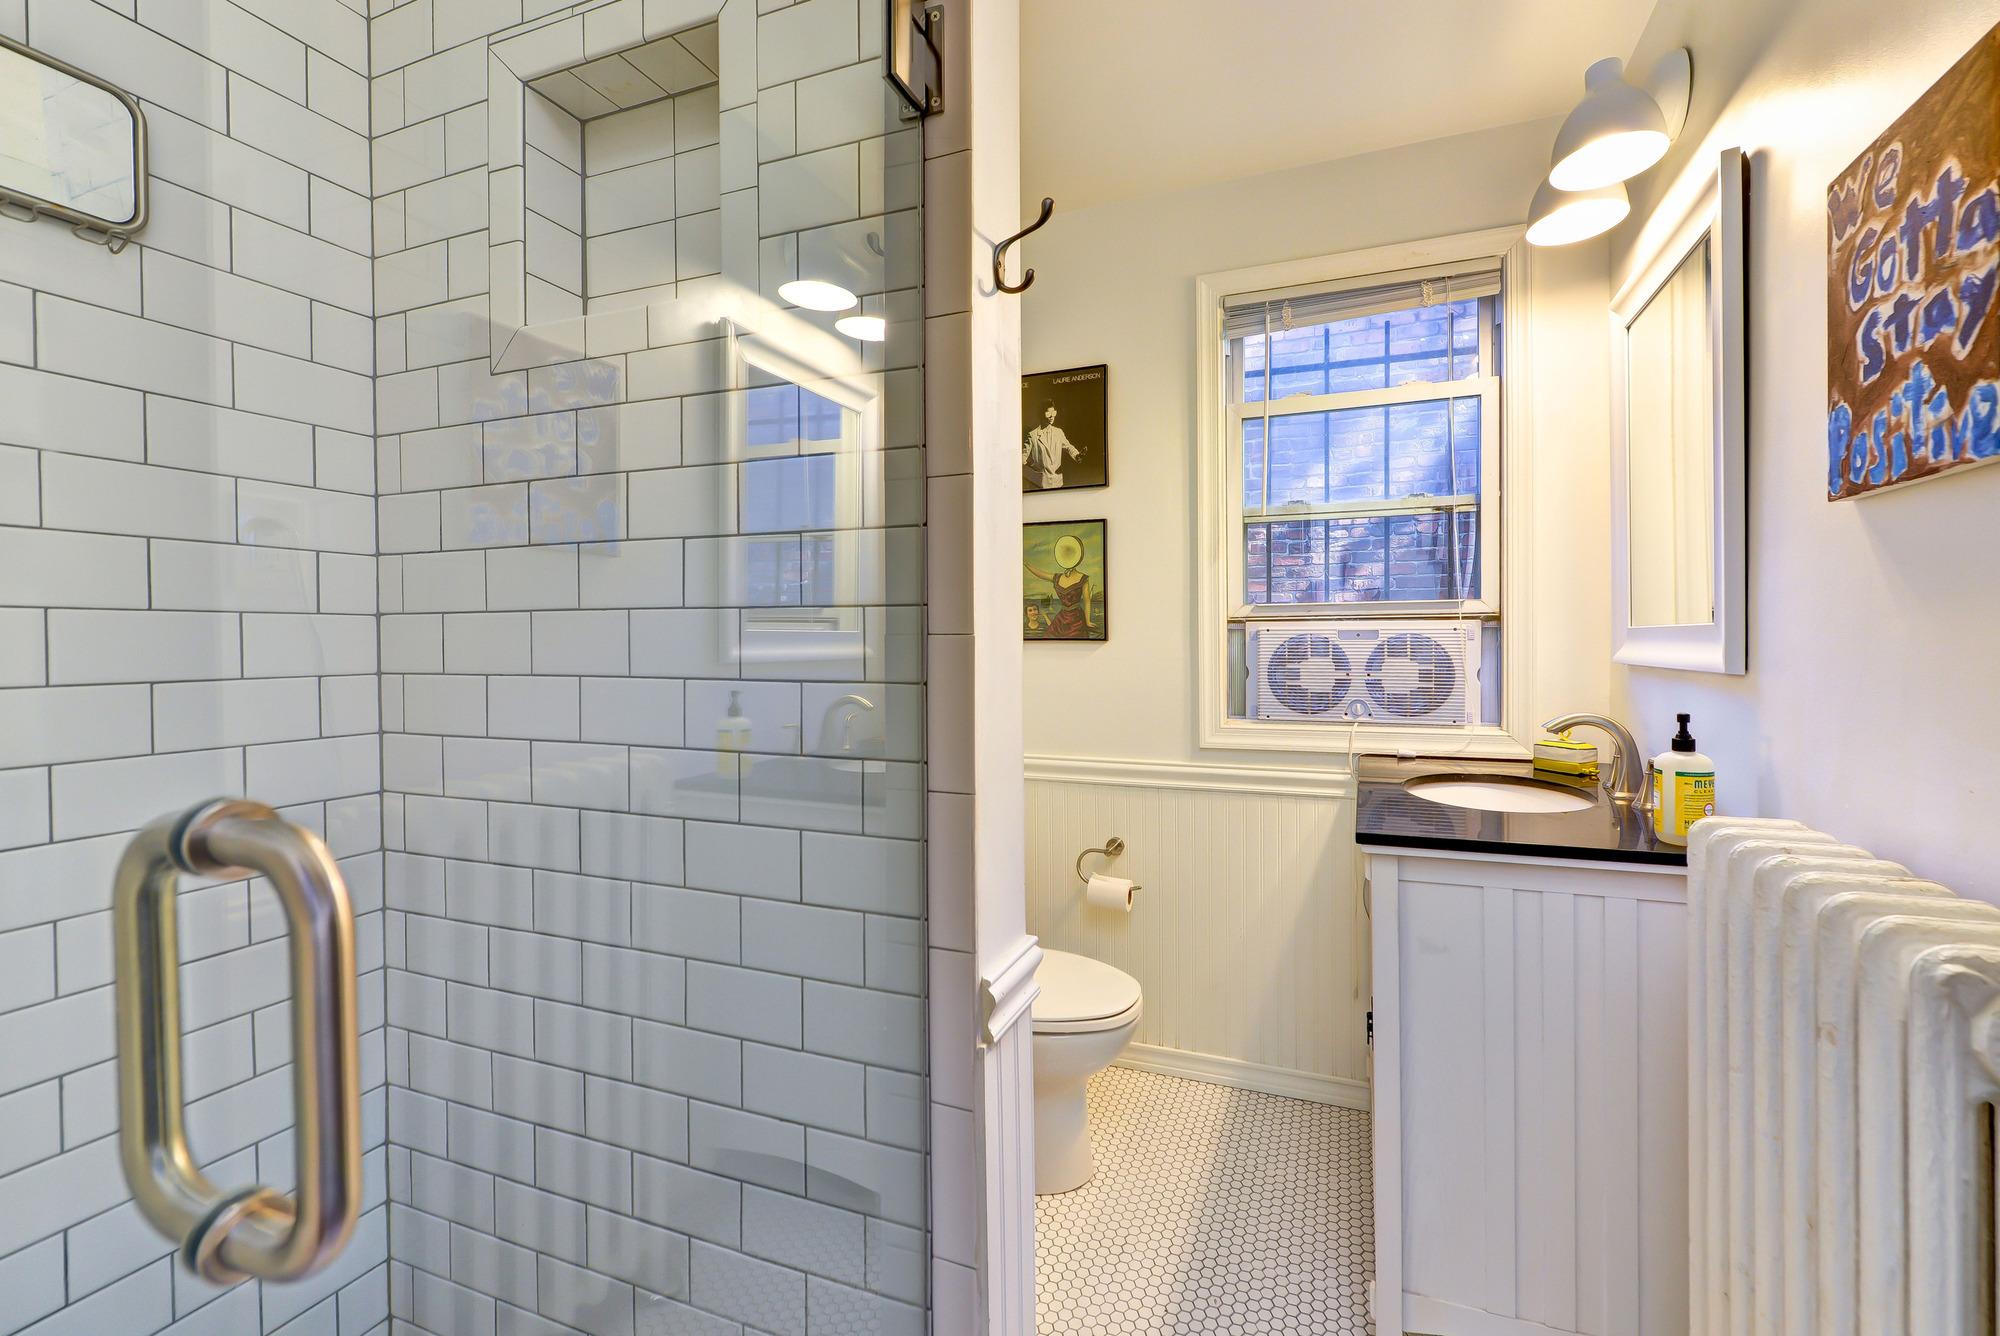 Home depot subway tile backsplash